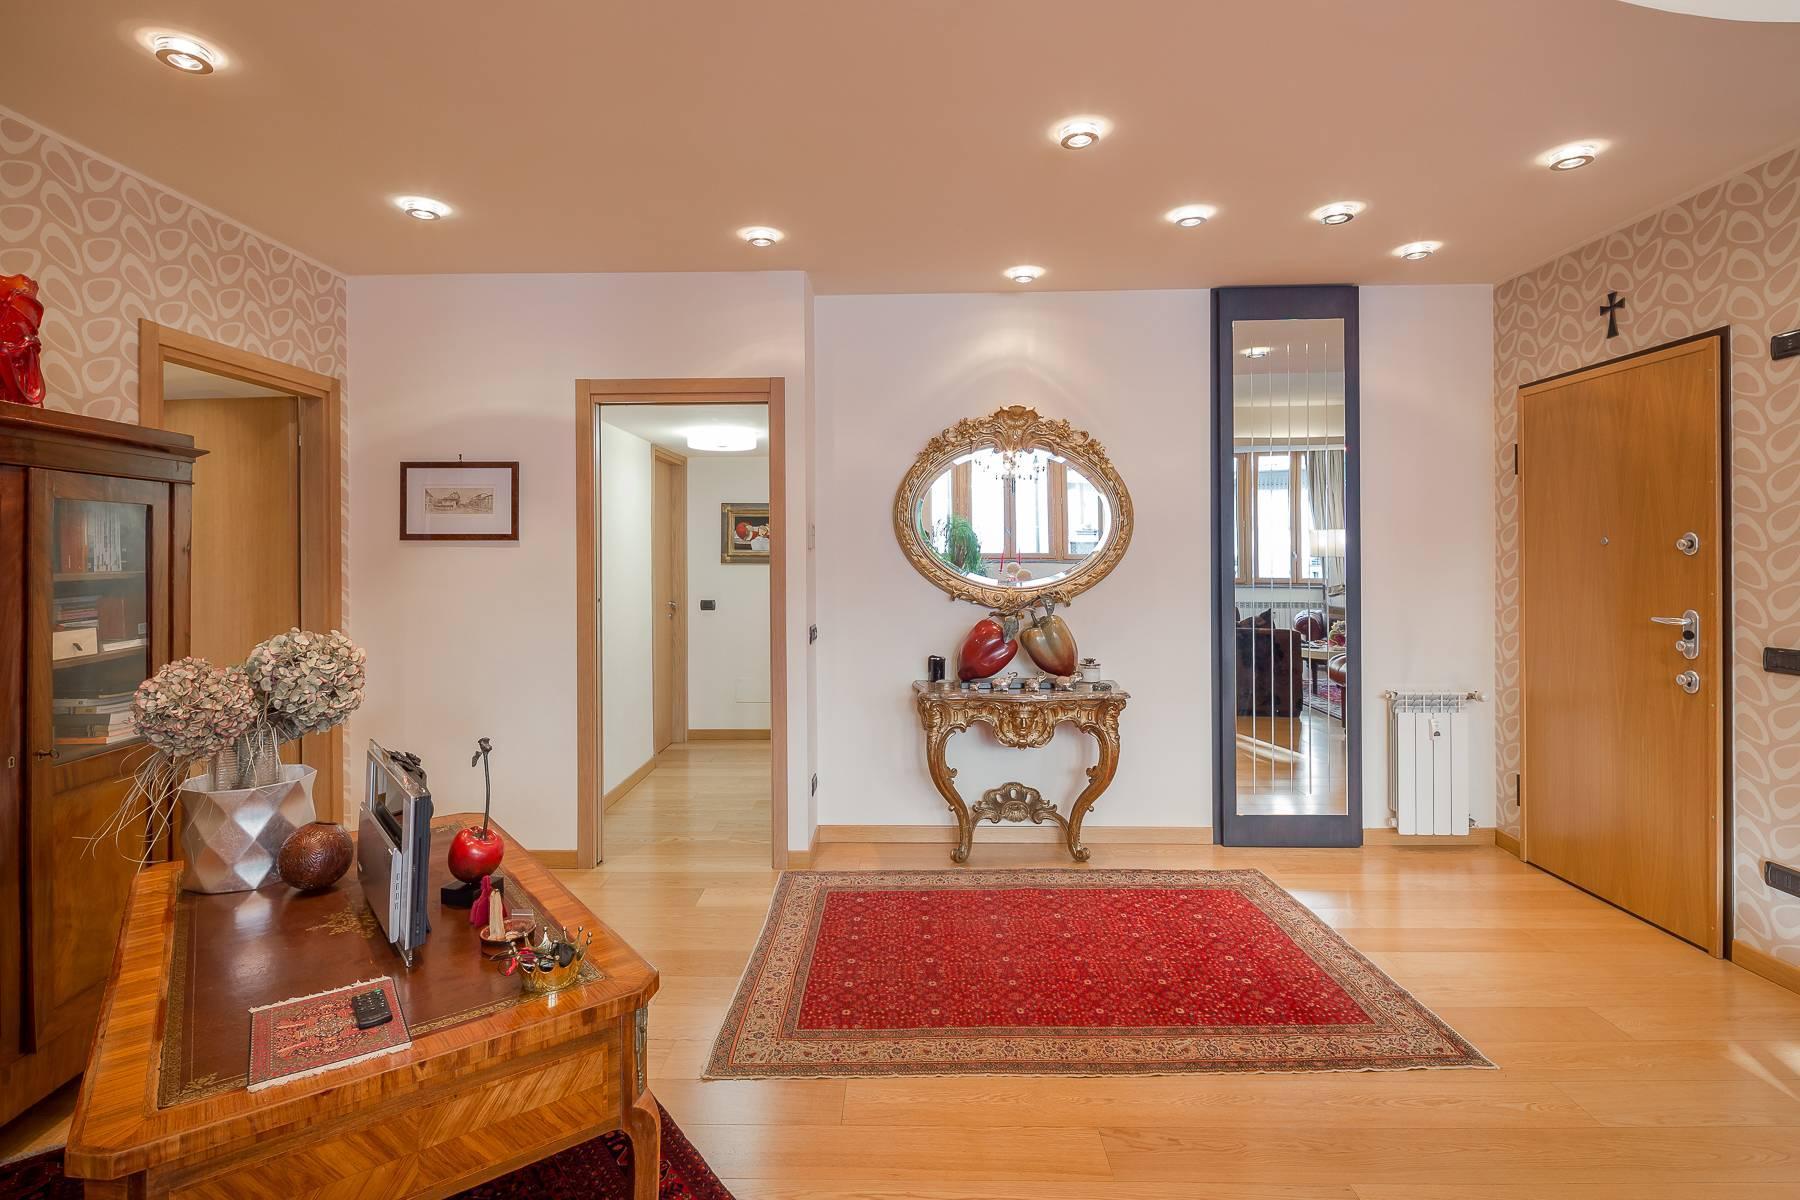 Квартира в классическом стиле на via Besana - 15